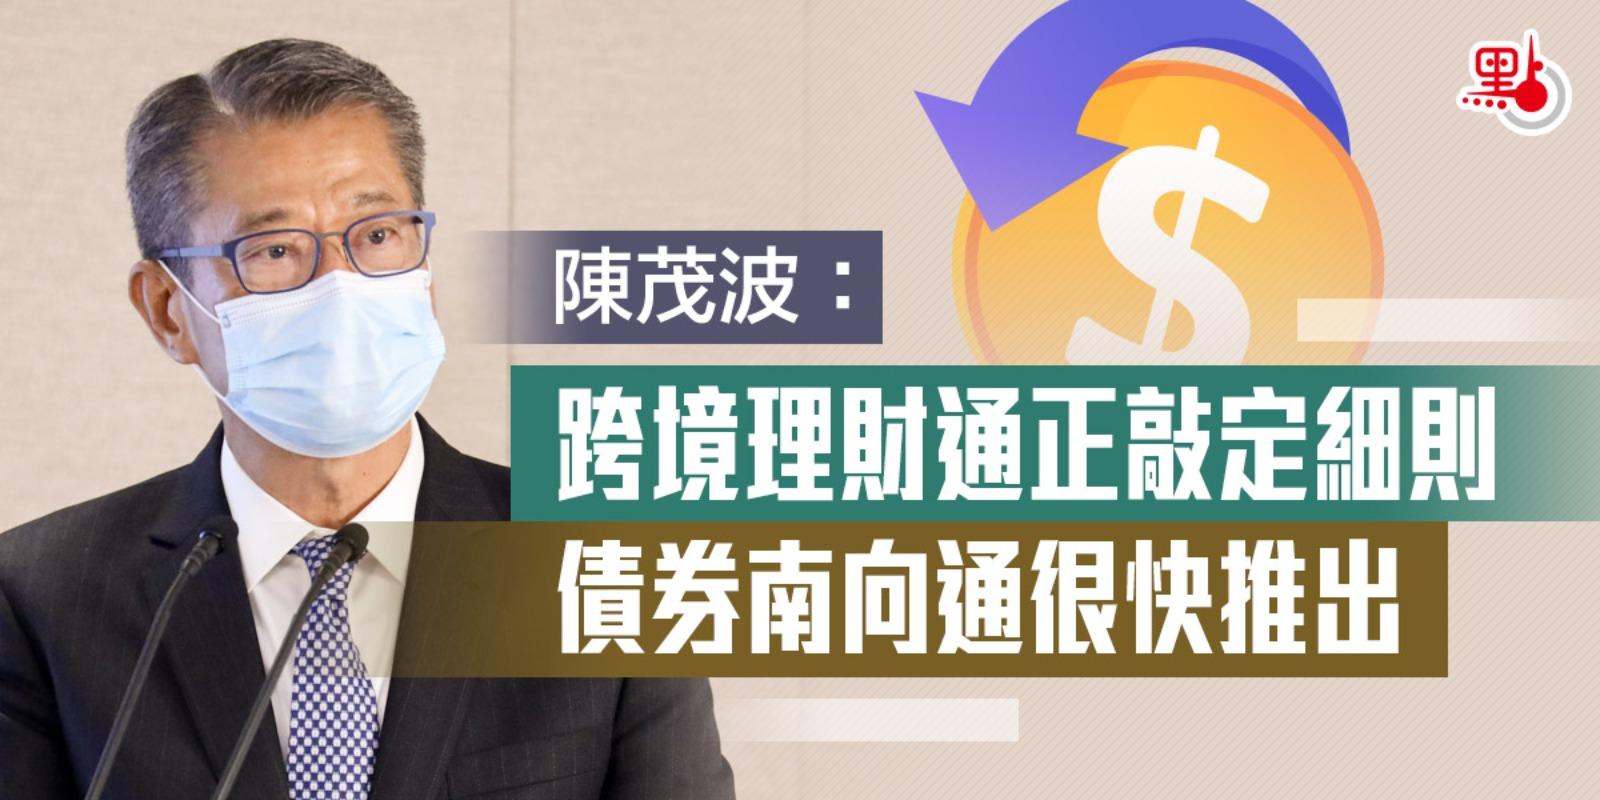 陳茂波:跨境理財通正敲定細則 債券南向通很快推出